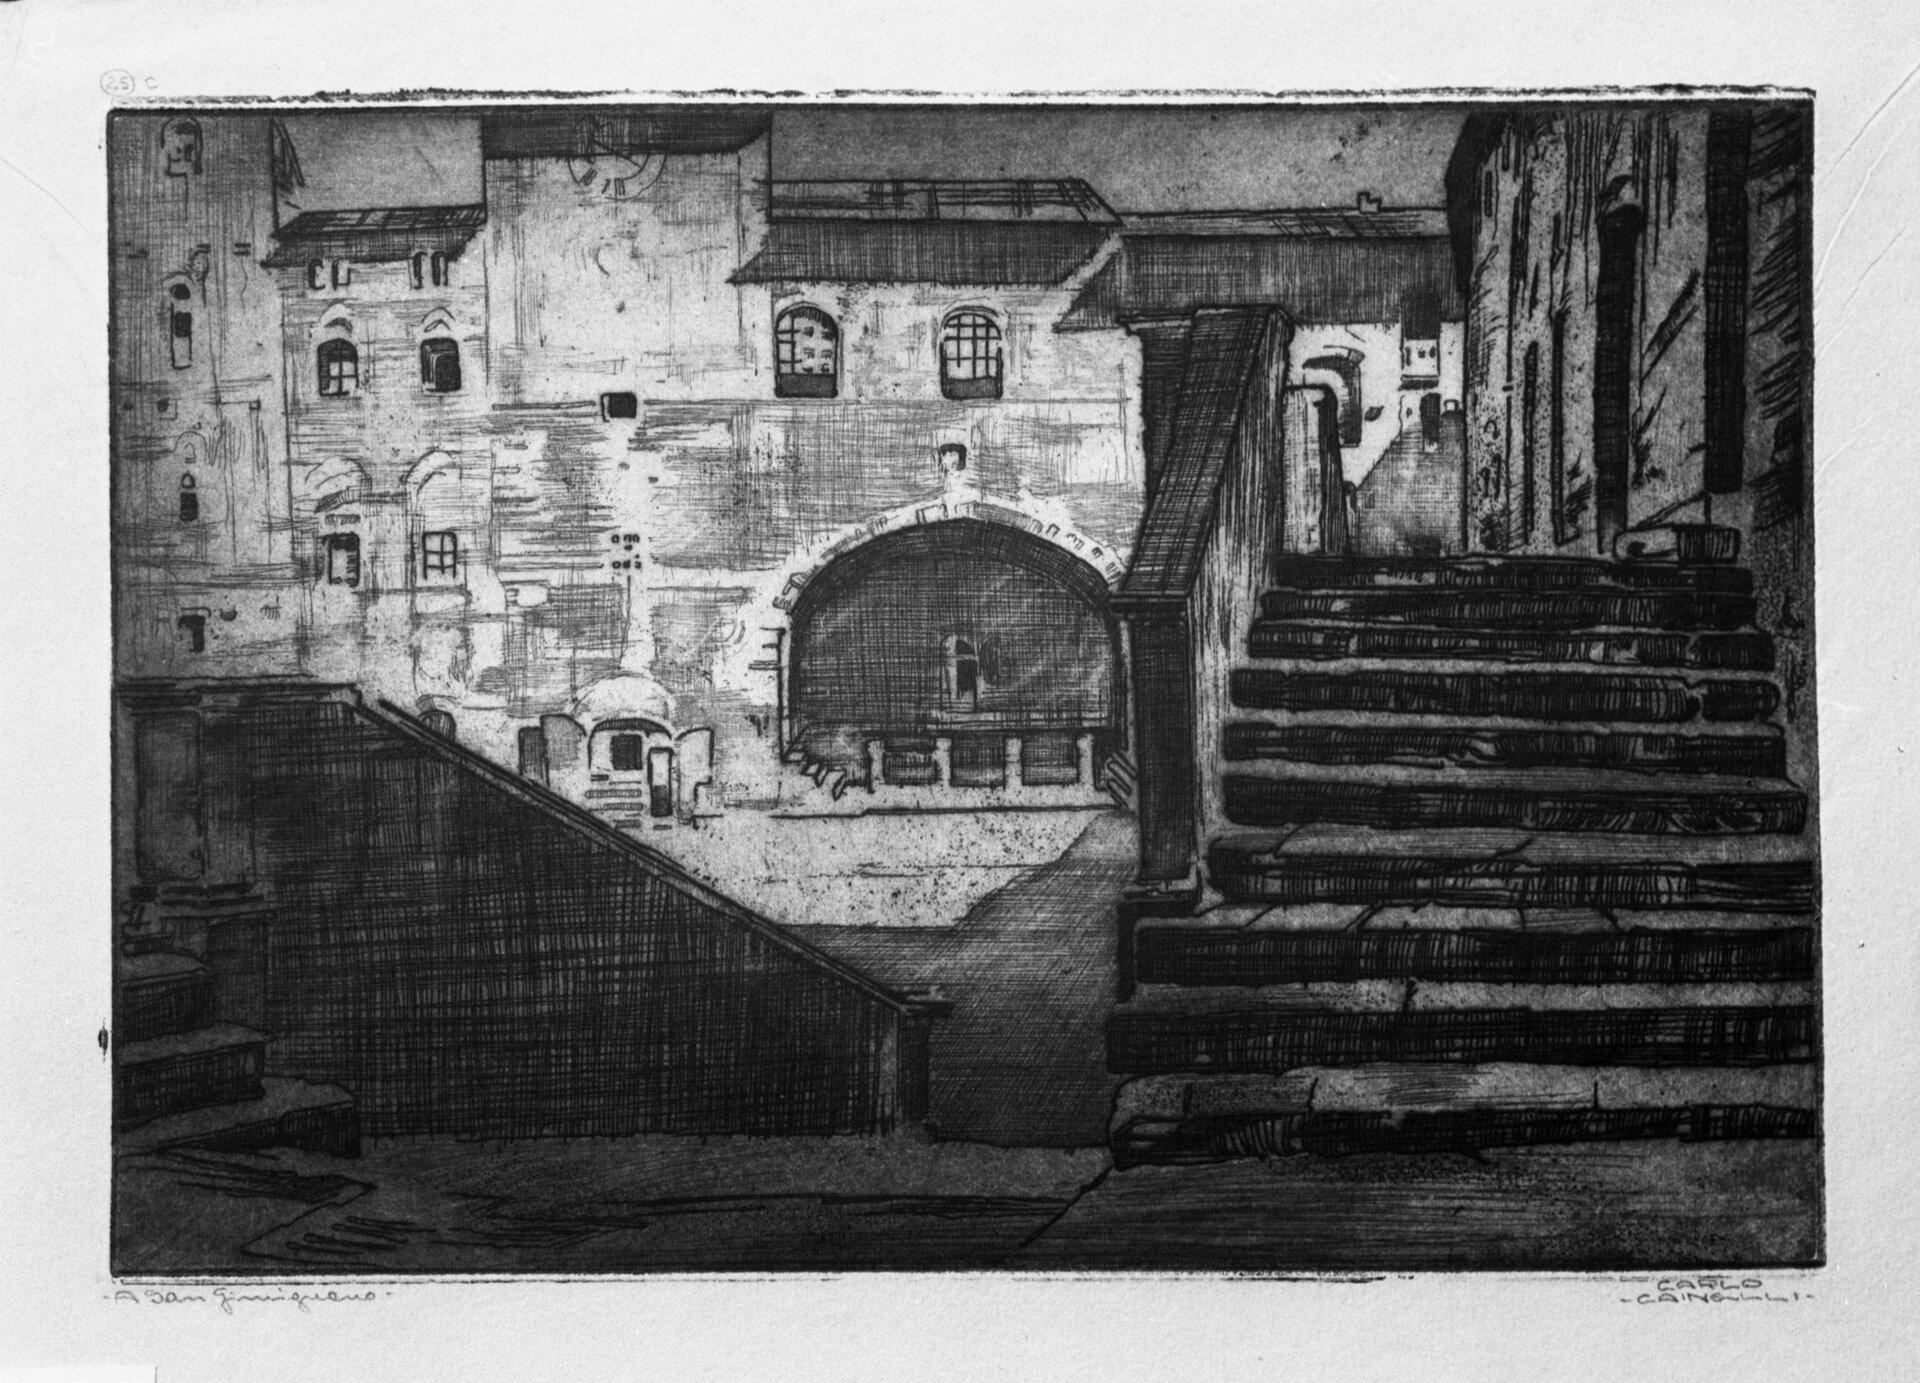 """Ilustracja przedstawia rycinę """"San Gimignano"""" autorstwa Carla Cainelliego. Artysta, przy pomocy cienkich, czarnych kresek ukazał przestrzeń pejzażu miejskiego. Na pierwszym planie znajdują się zacienione schody, za którymi na dalszym planie ukazuje się oświetlony rynek zkamienicami omałych oknach ispadzistych daszkach. Czarno-biała grafika została wykonana na szarym papierze."""